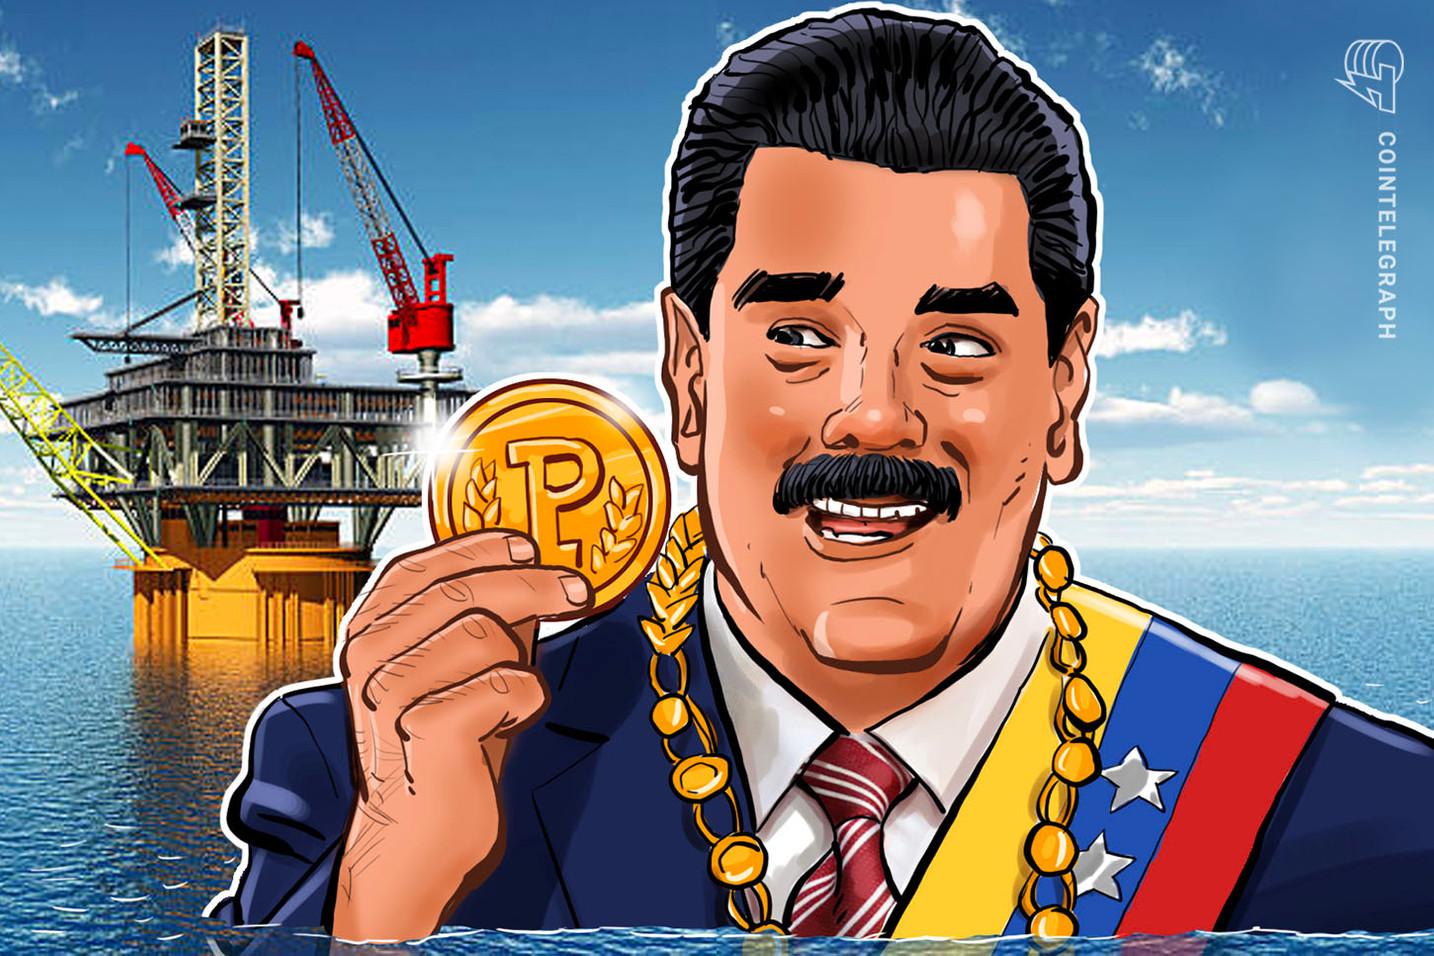 Venta de controvertida Petro de Venezuela comienza en noviembre, afirma Maduro